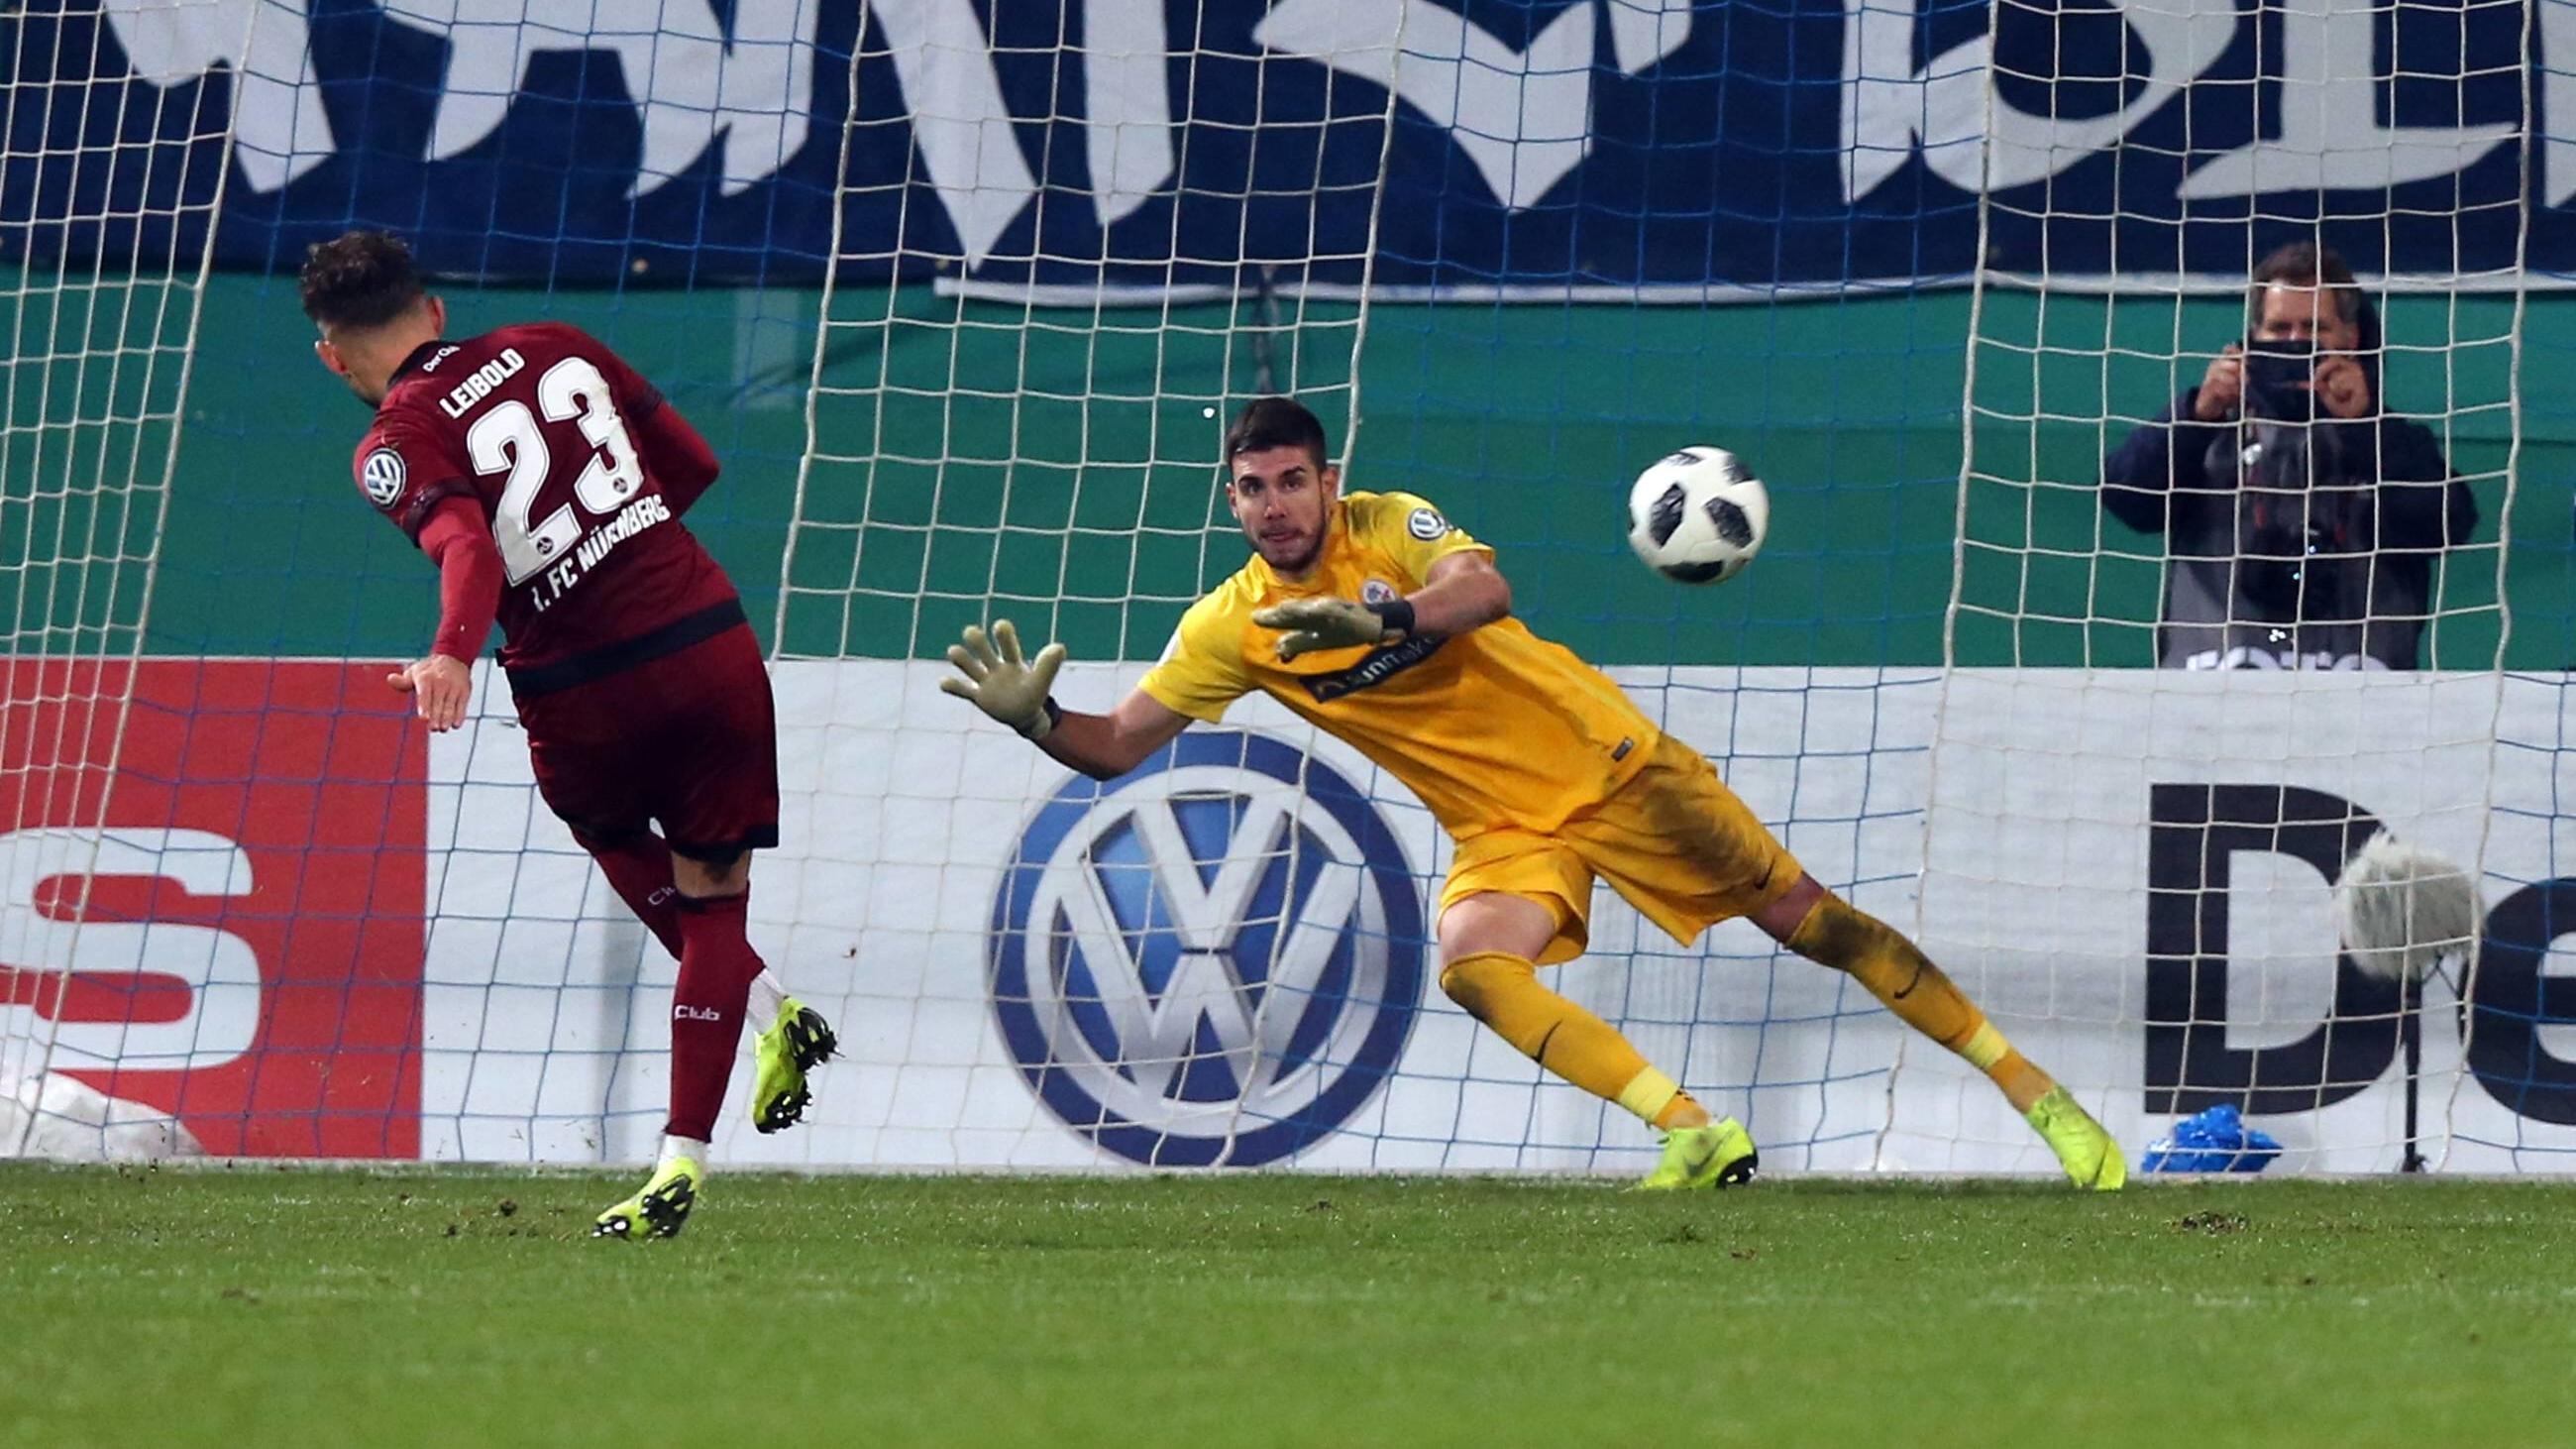 Nürnbergs Tim Leipold schießt einen Elfmeter im Pokalspiel gegen Hansa Rostock